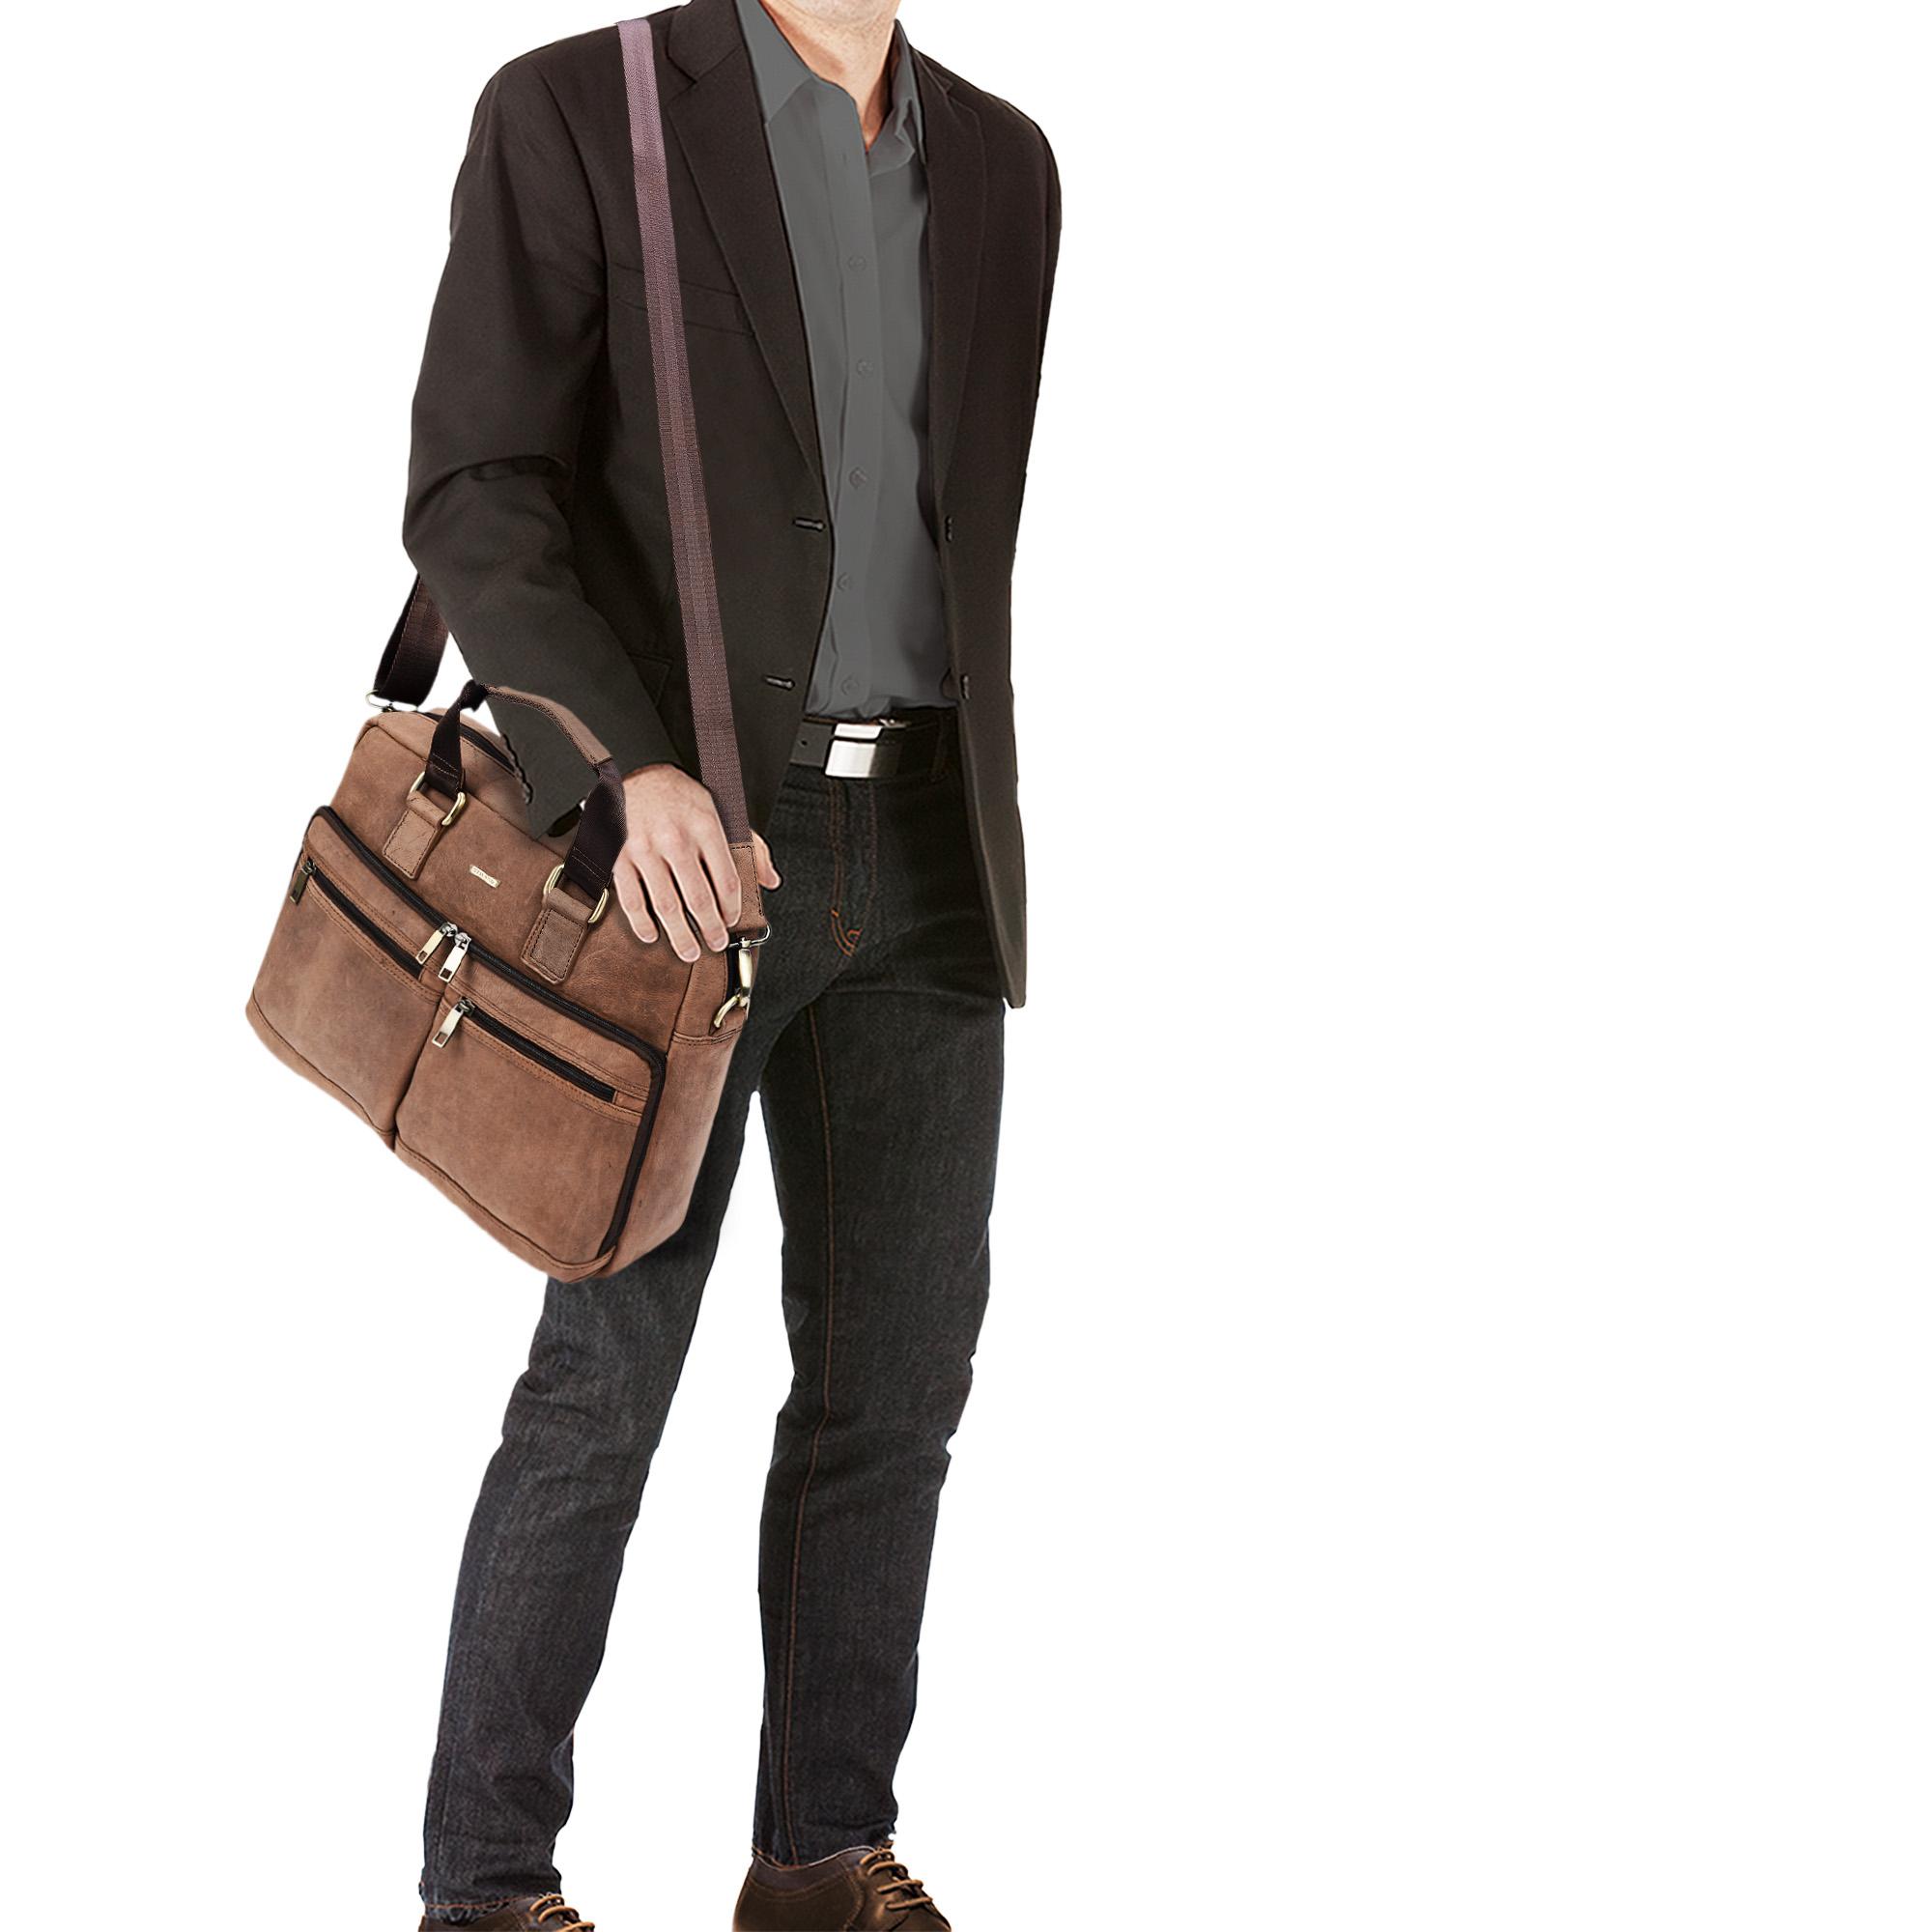 """STILORD """"Vito"""" Vintage Businesstasche Leder Herren Damen 14 Zoll Laptoptasche Umhängetasche Aktentasche Arbeitstasche Rindsleder - Bild 3"""